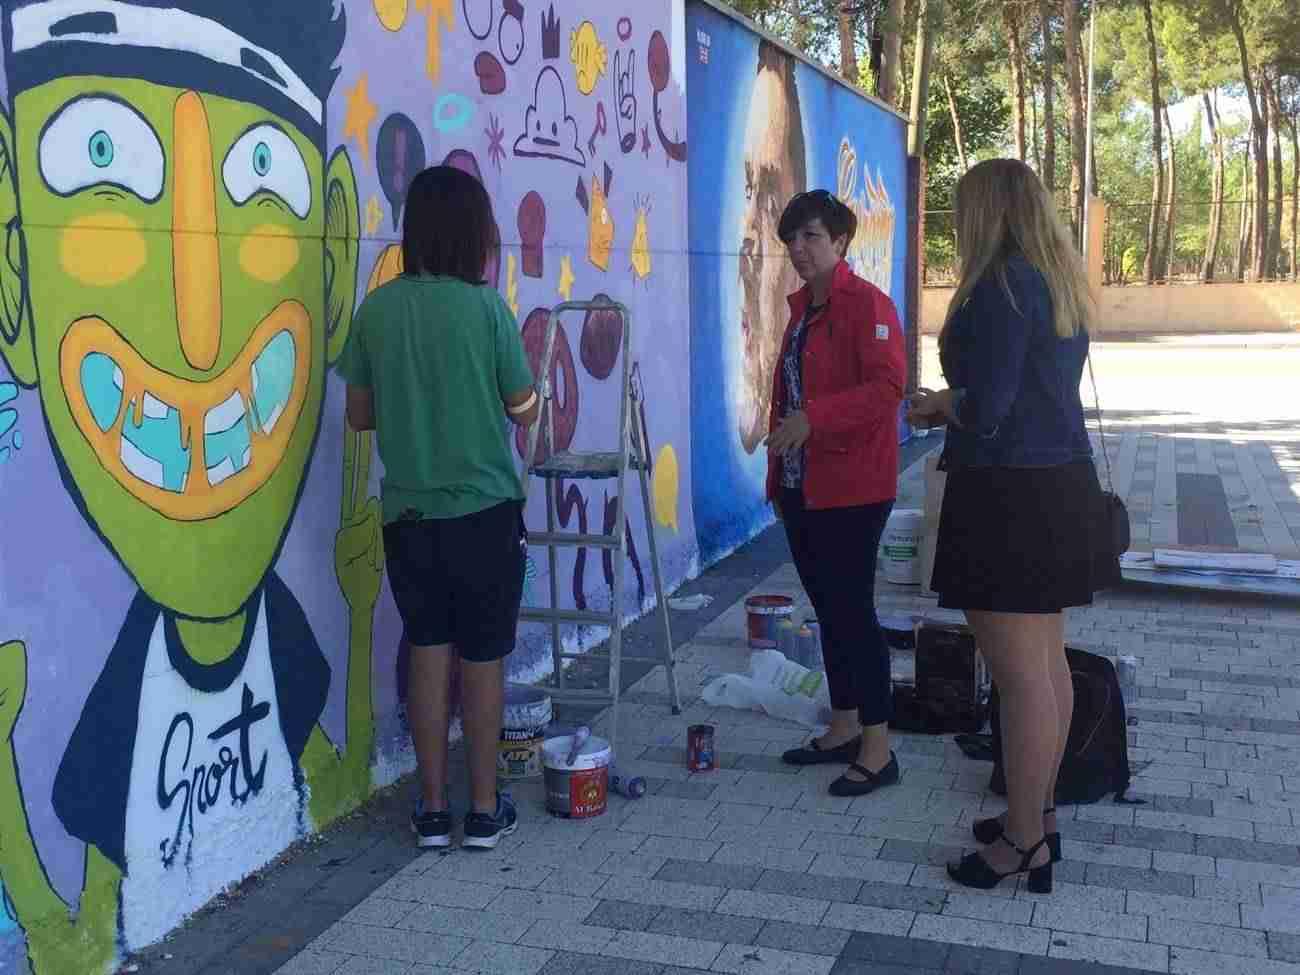 muestra arte urbano alcazar 1 - Fotografías de la Muestra de Arte Urbano en Alcázar